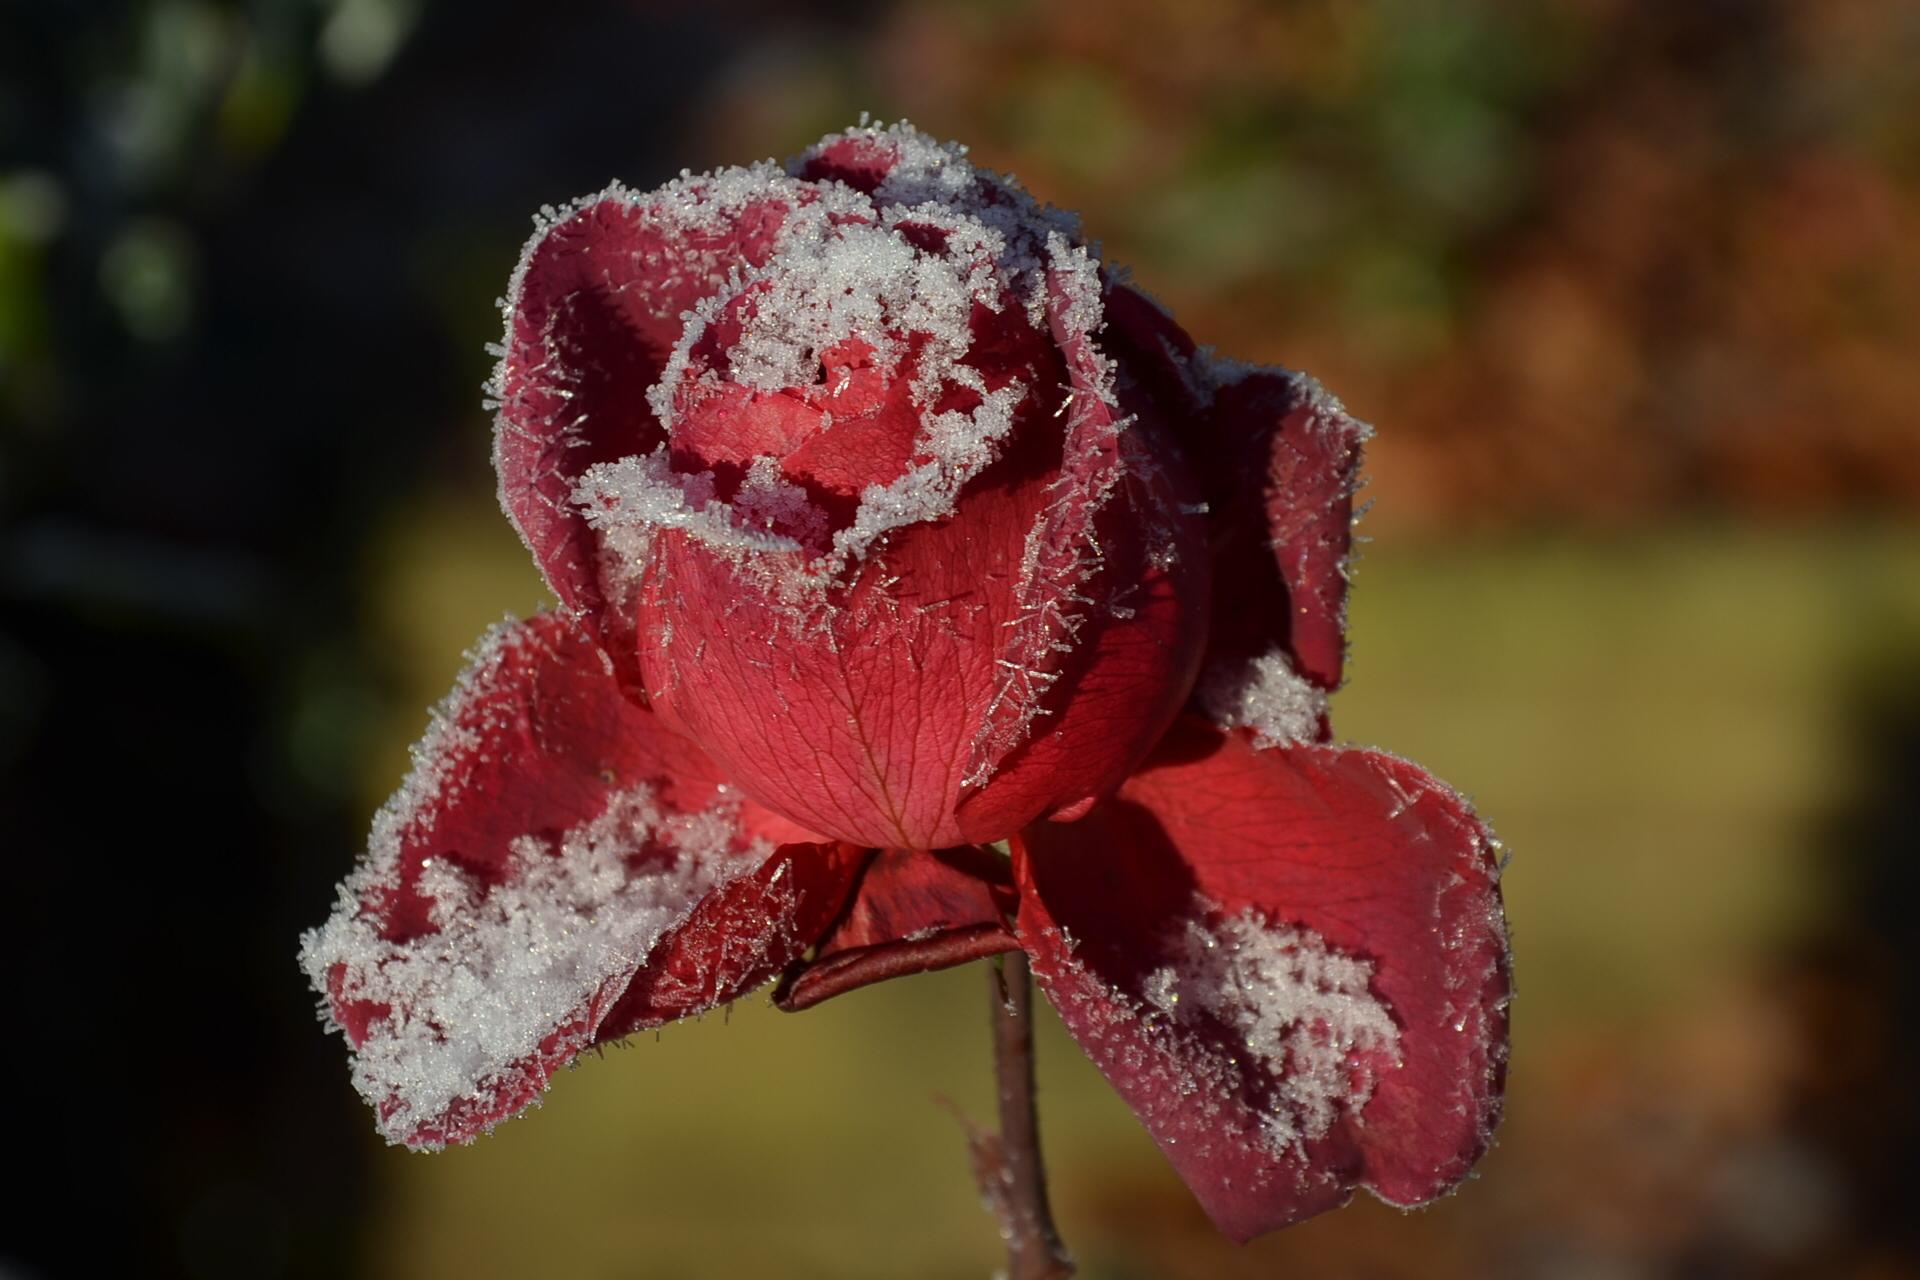 Wann Sollten Sie Ihre Rosen Schneiden?